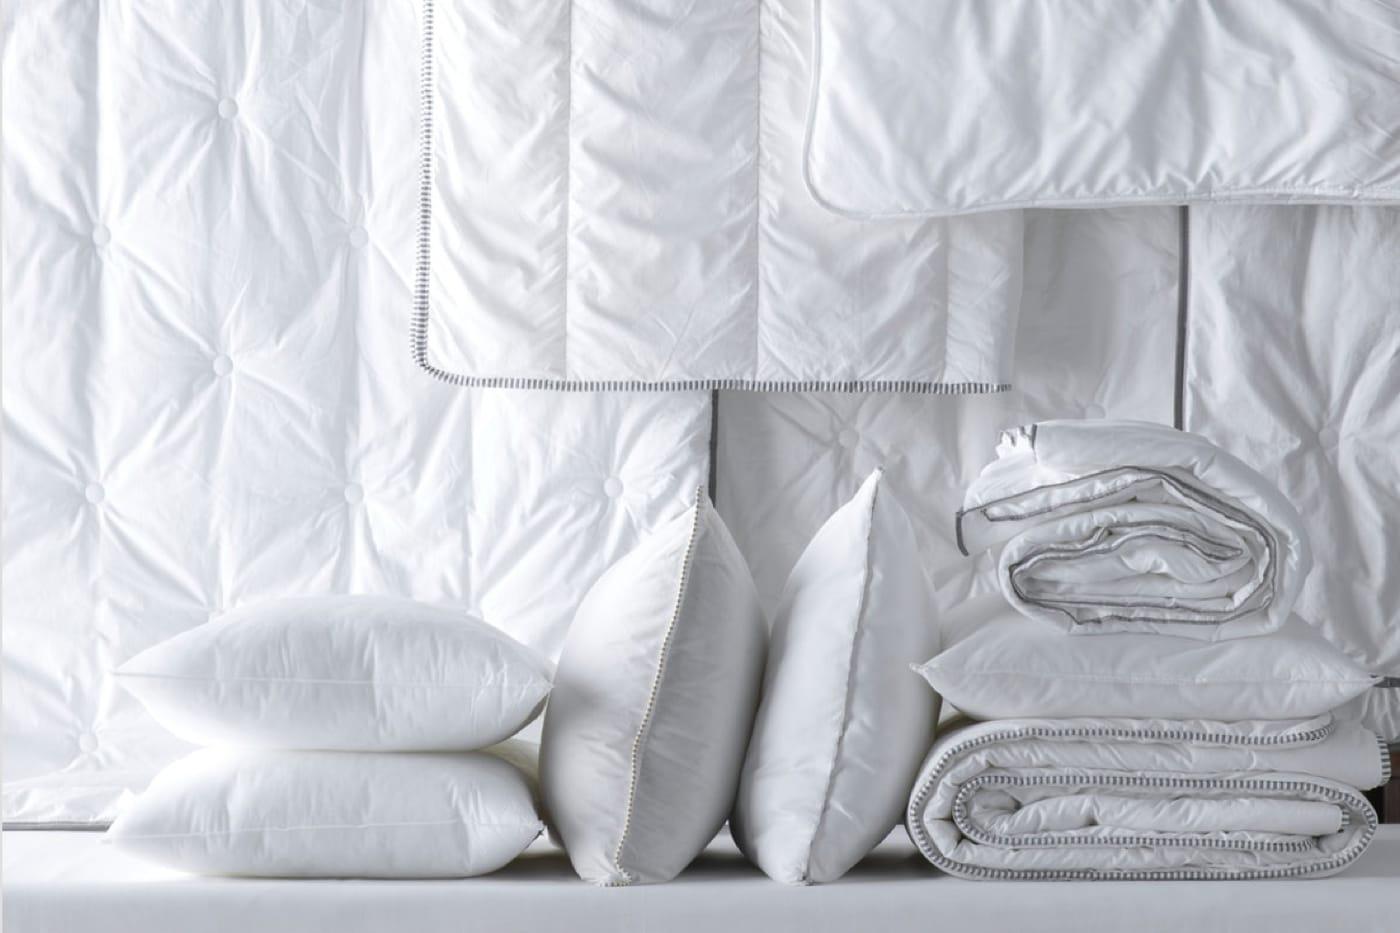 Weiße Kopfkissen und weiße Bettdecken liegen nebeneinander.